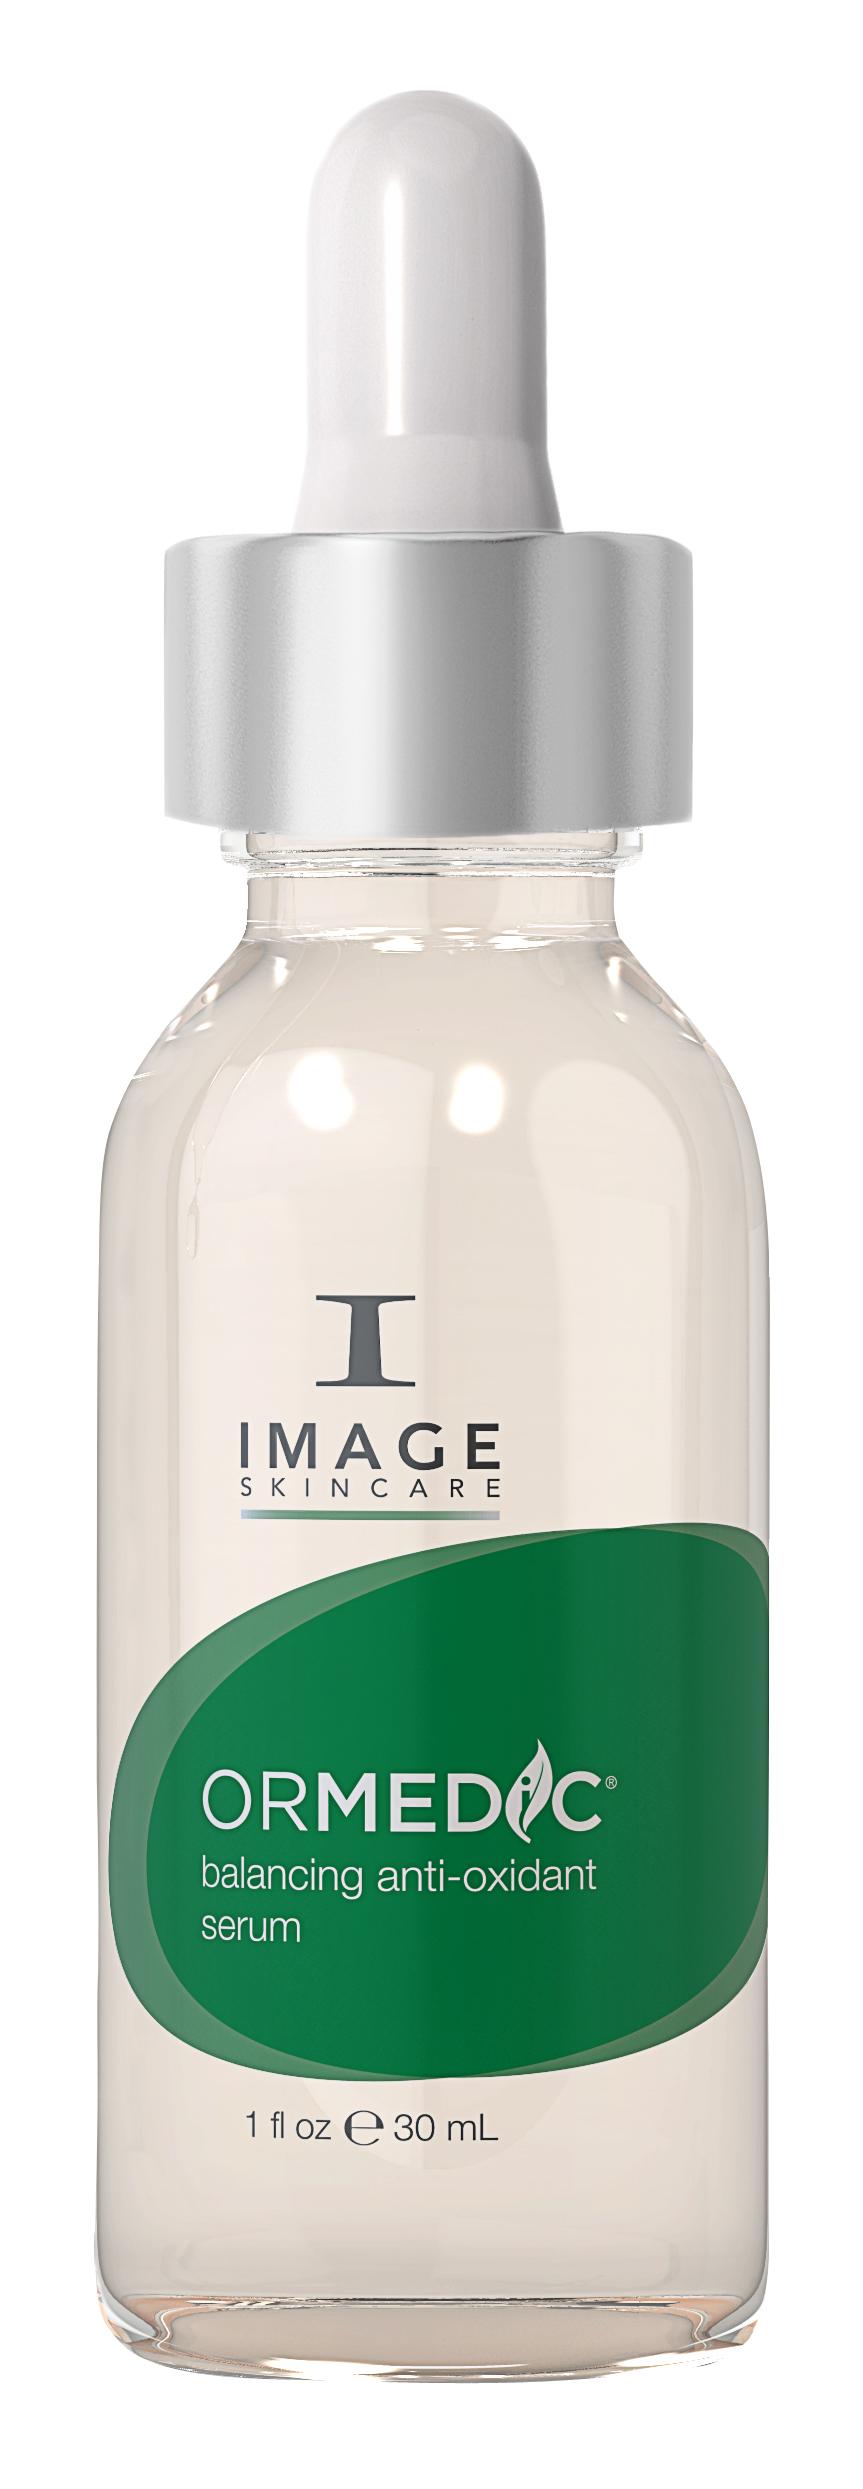 Balancing Antioxidant Serum Ôé¼68.00.jpg